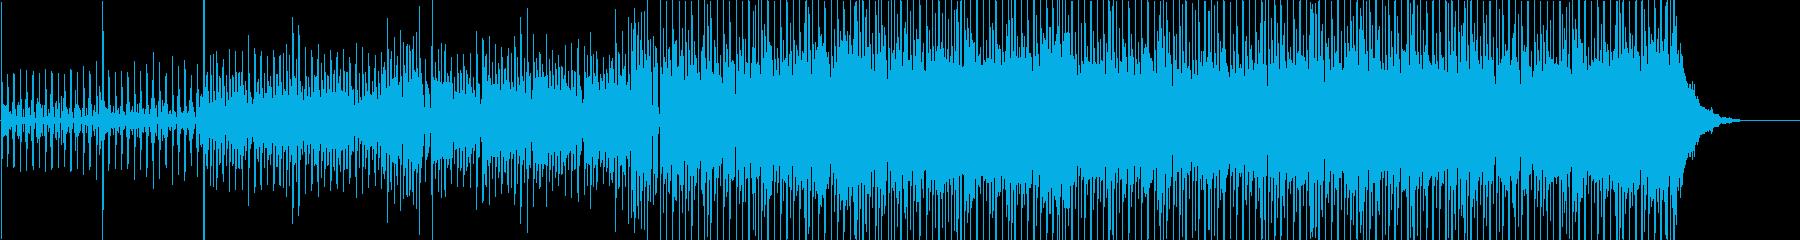 アコギがメインのかっこいいポップスの再生済みの波形